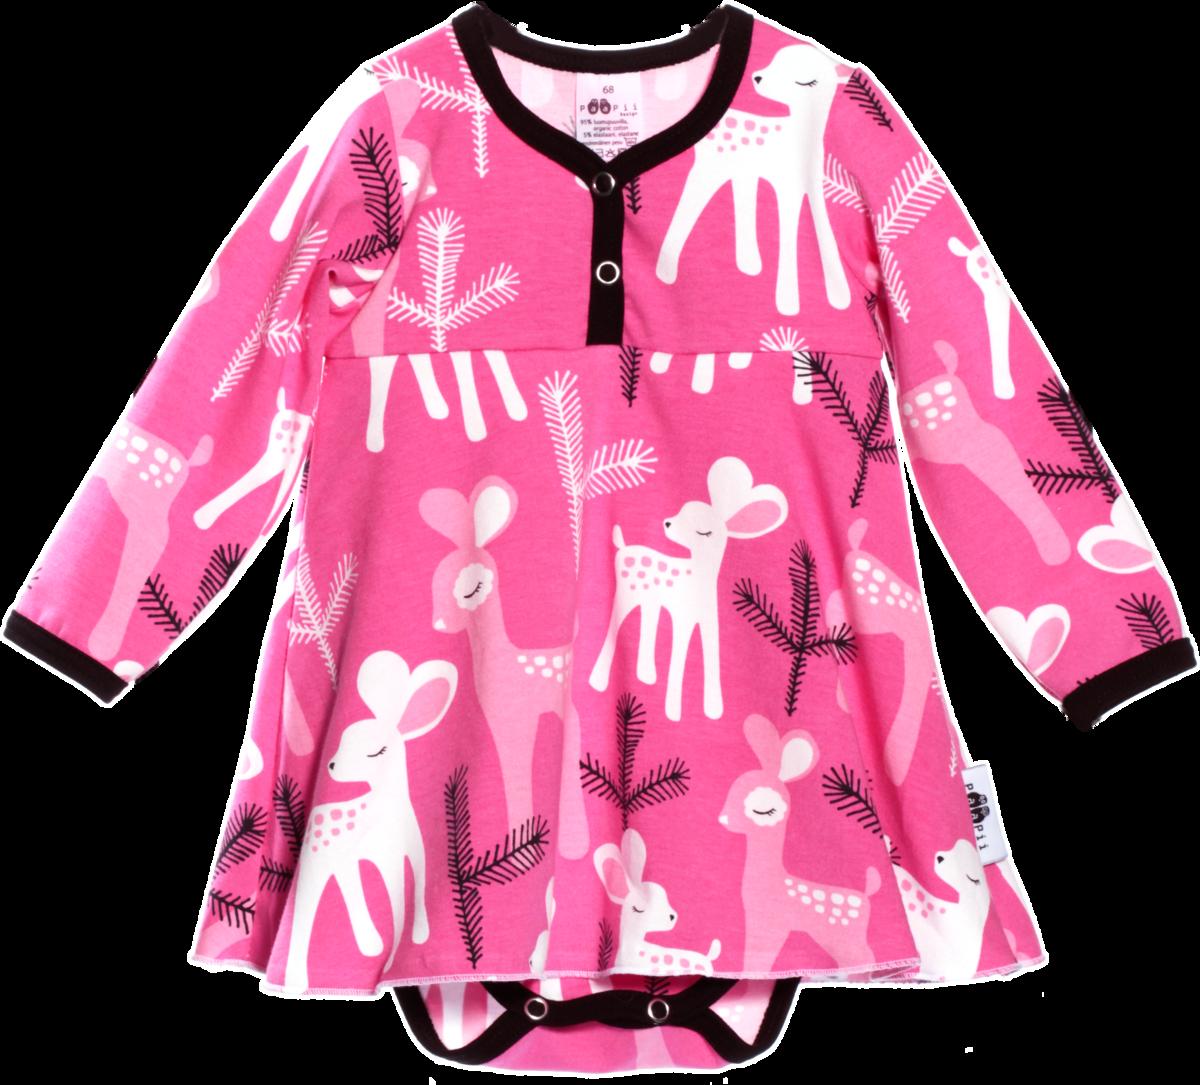 PaaPii vauvan mekkobody Bambi pinkkinä - Bodyt ja paidat - 12945 - 1 a8c771b001